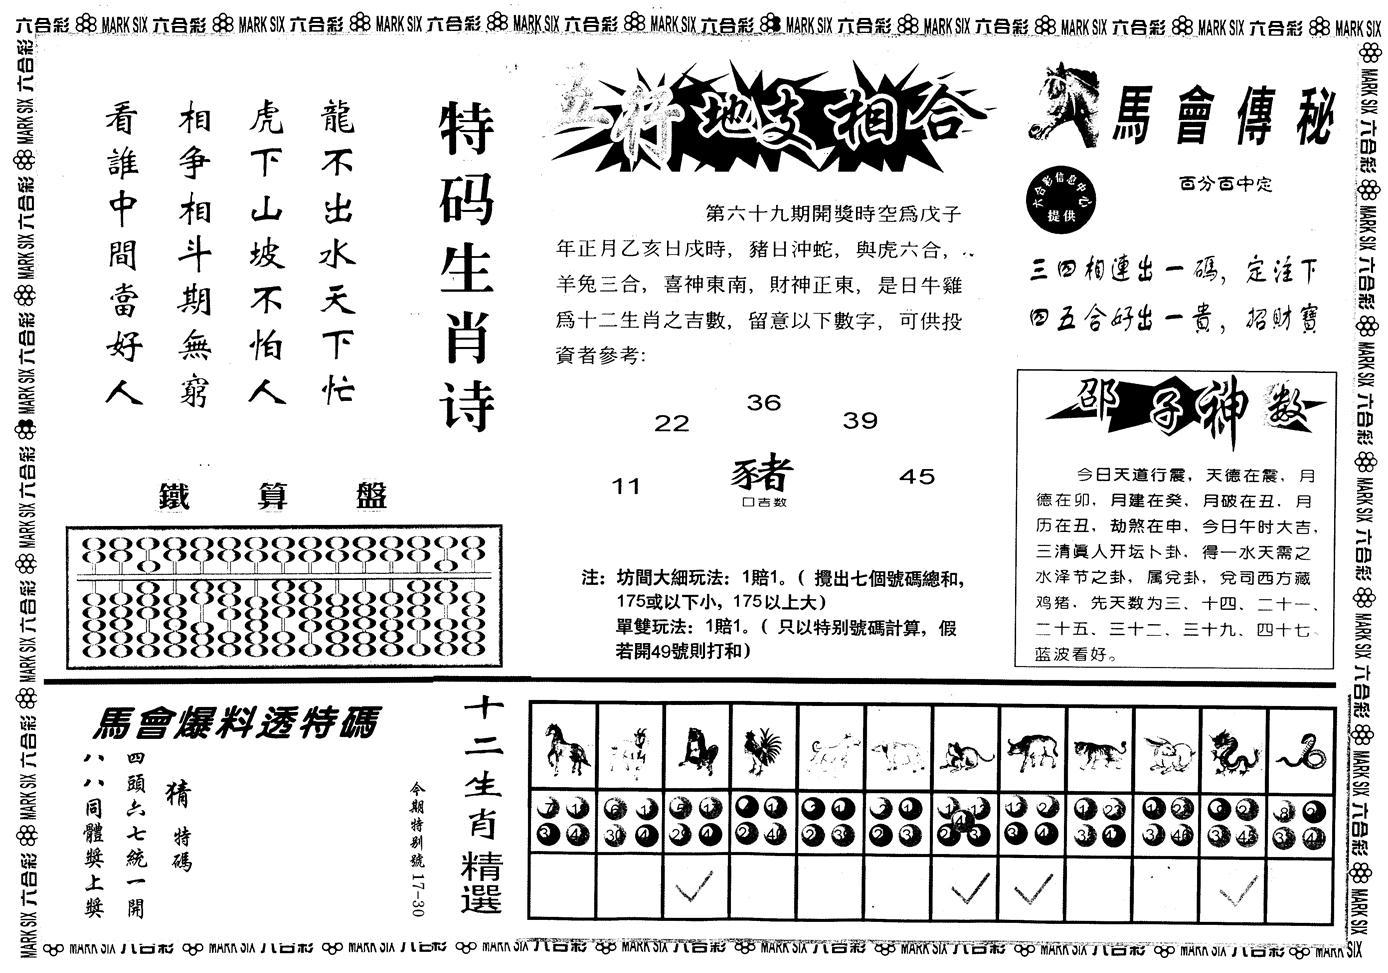 069期另版马会财经B(黑白)